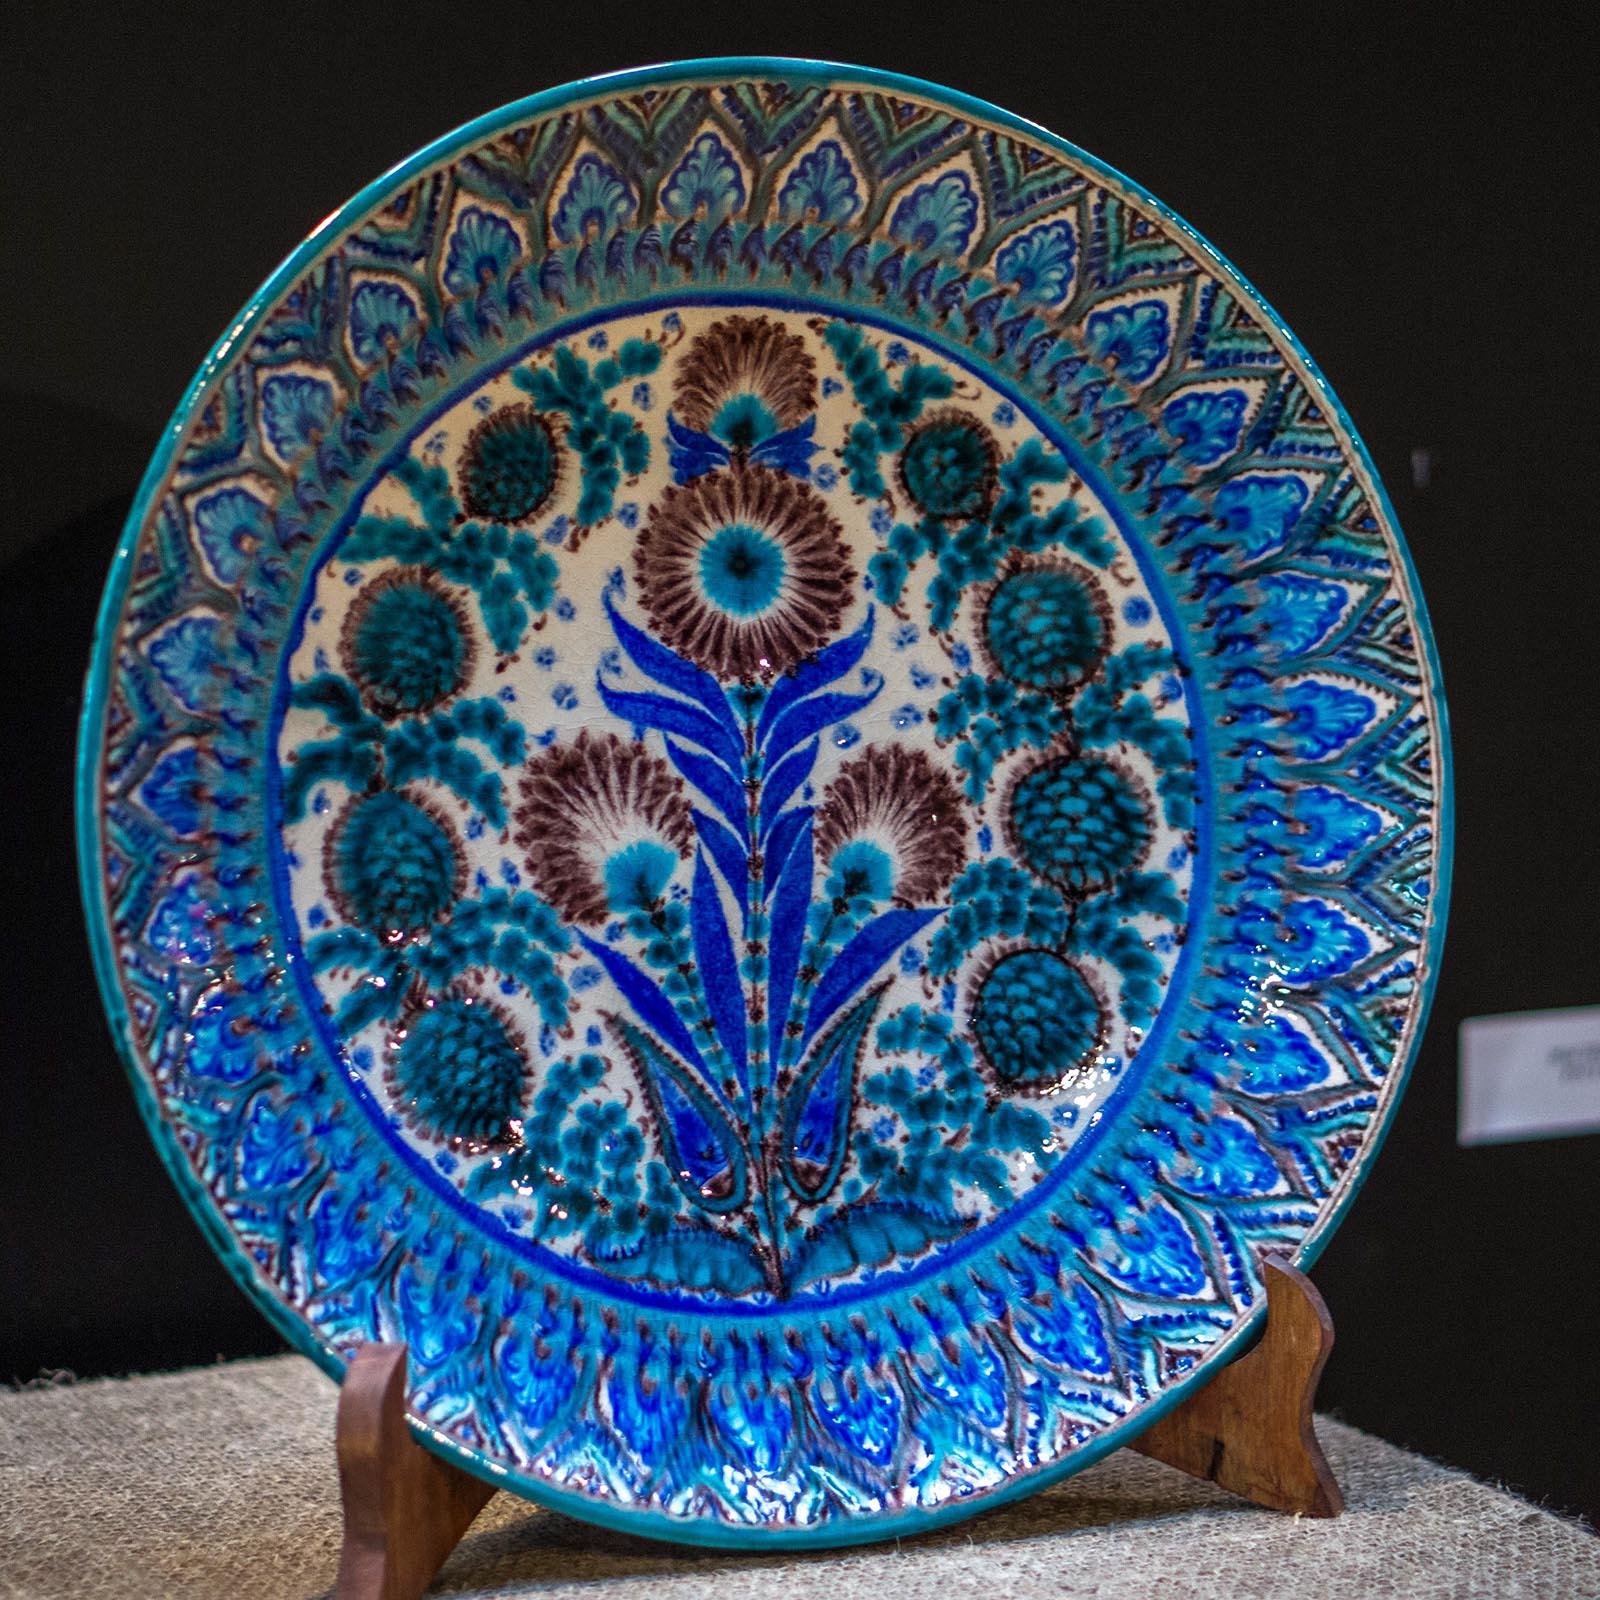 Фото №135857. Мастерская керамики Рустама Усманова